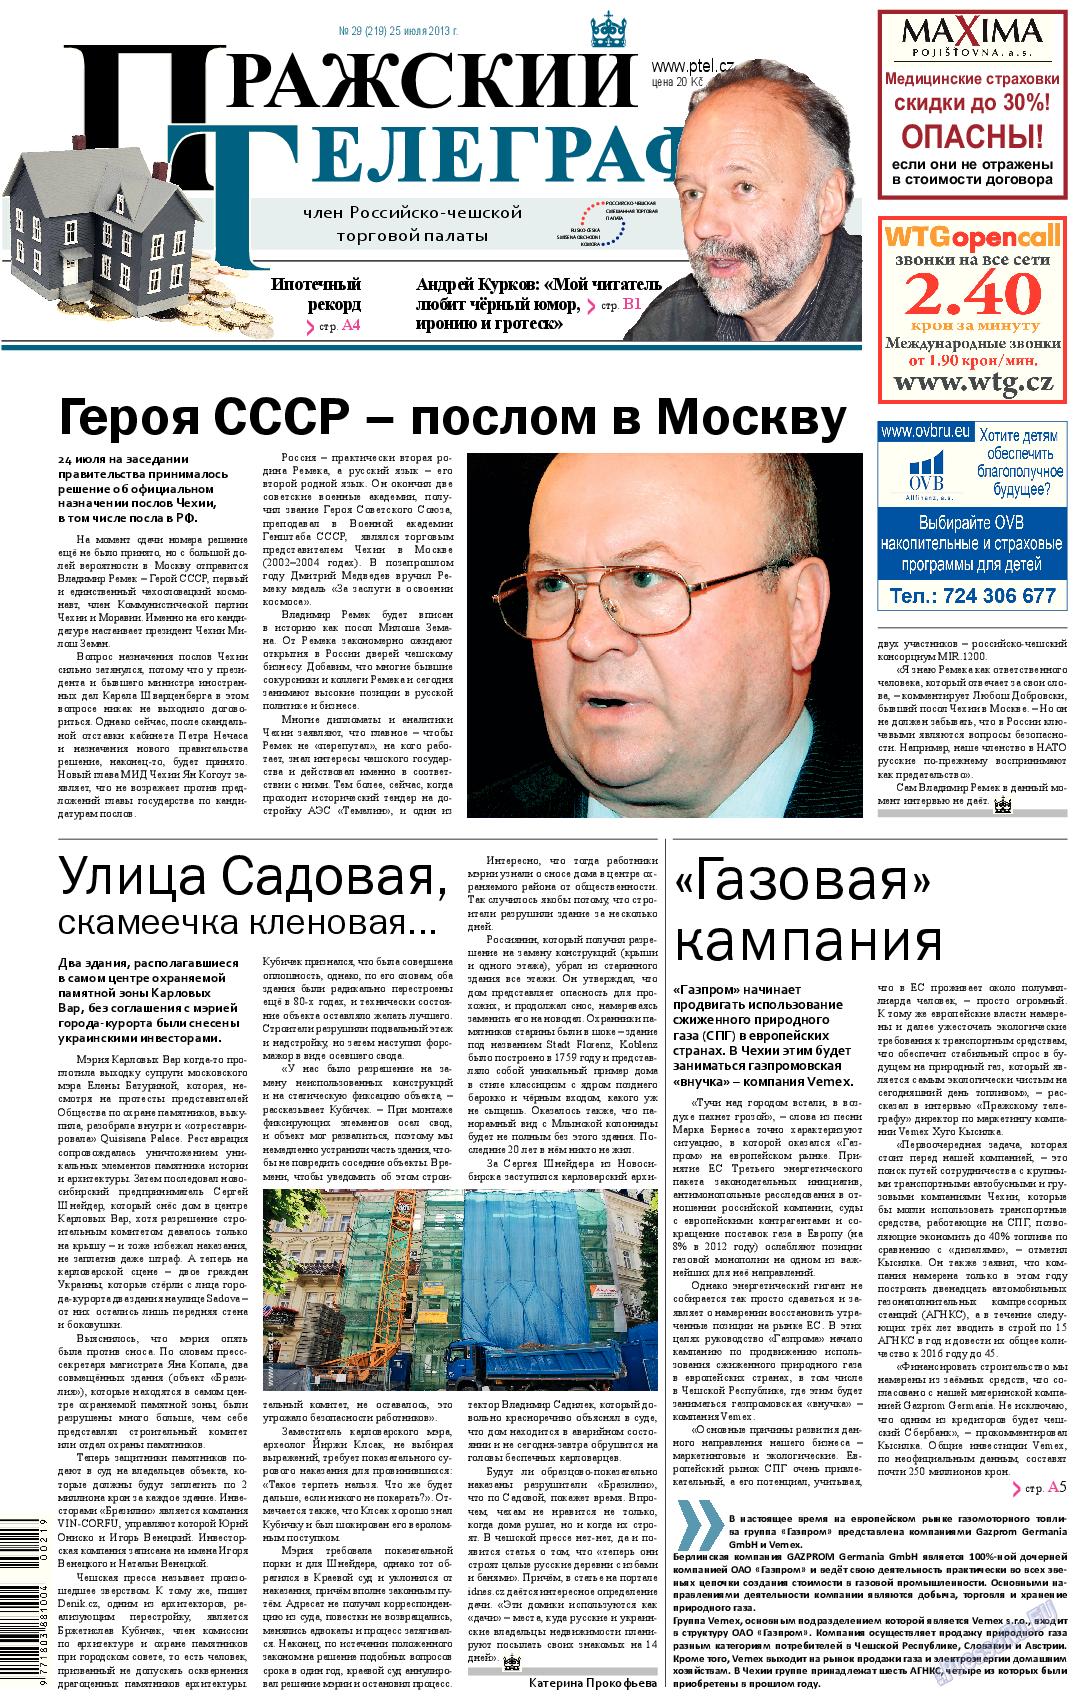 Пражский телеграф (газета). 2013 год, номер 29, стр. 1